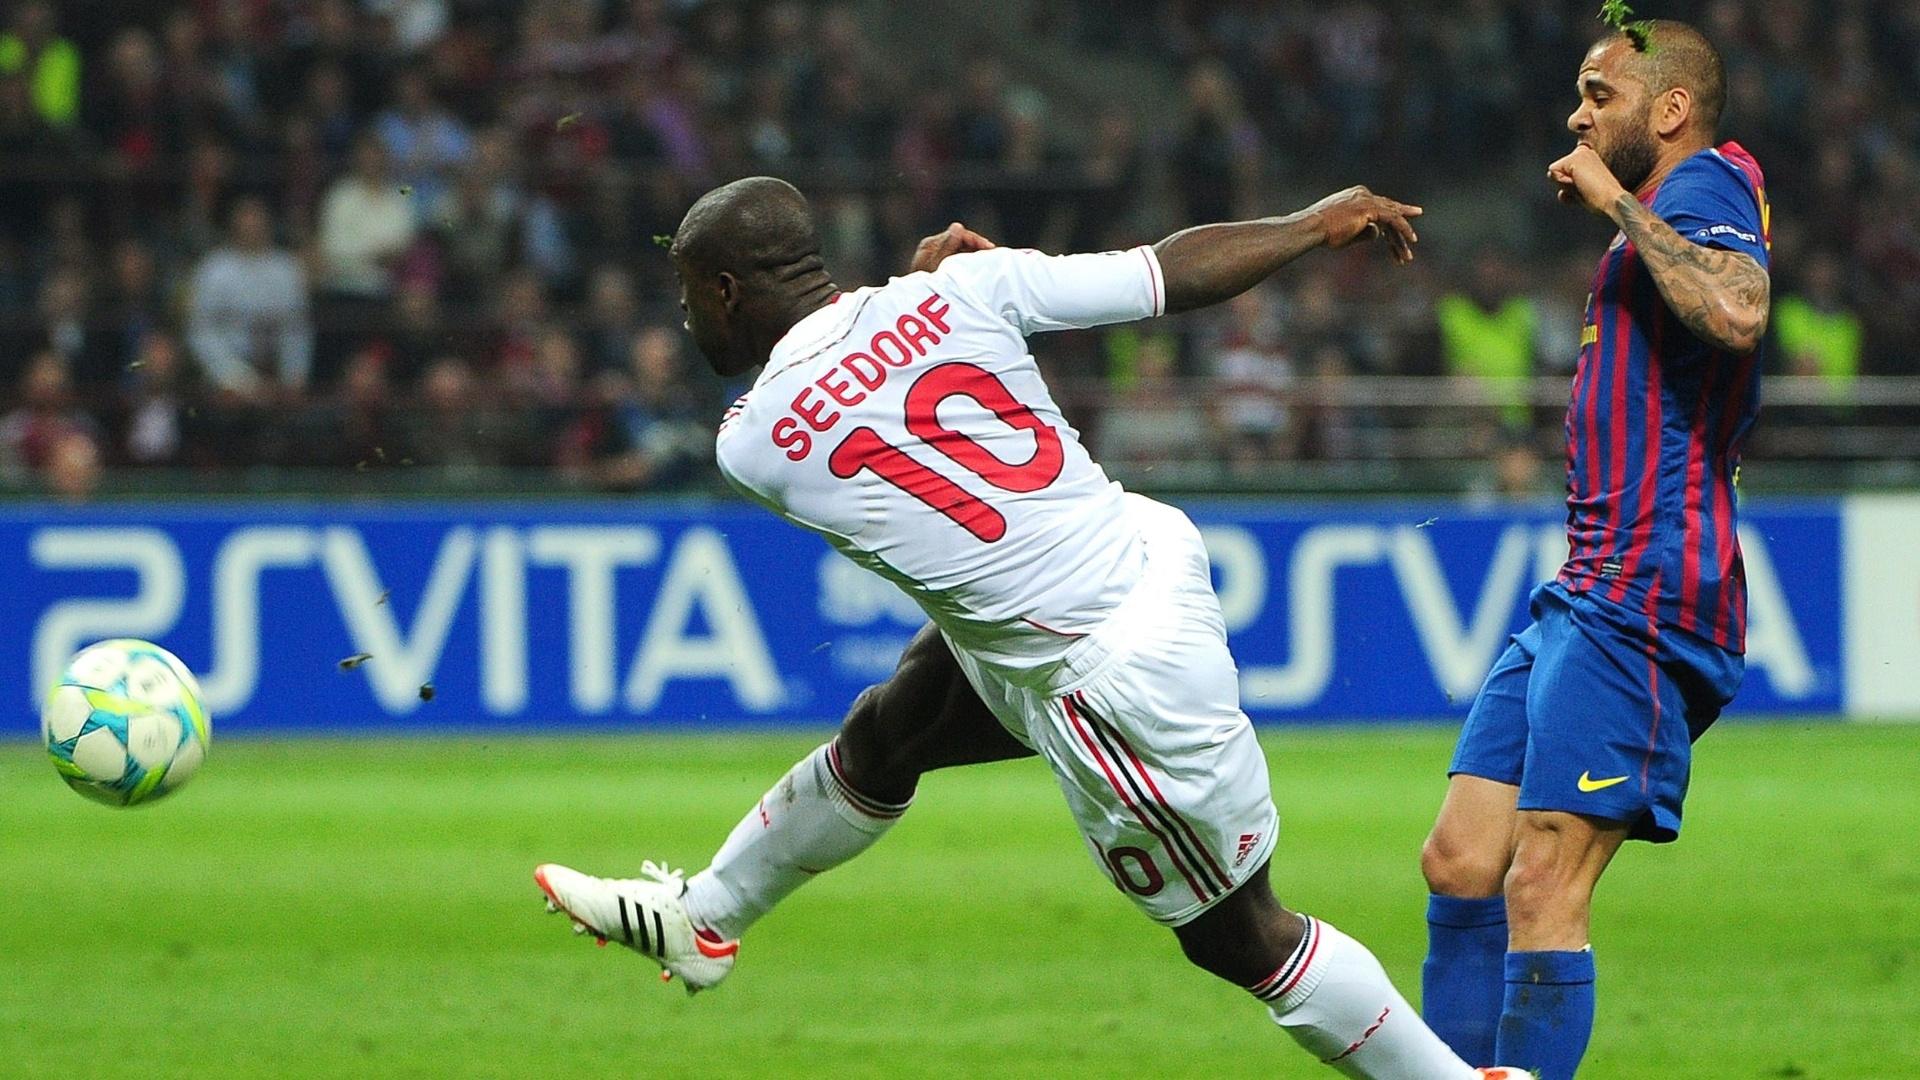 Holandês Seedorf arrisca chute de fora da área durante partida do Milan contra o Barcelona